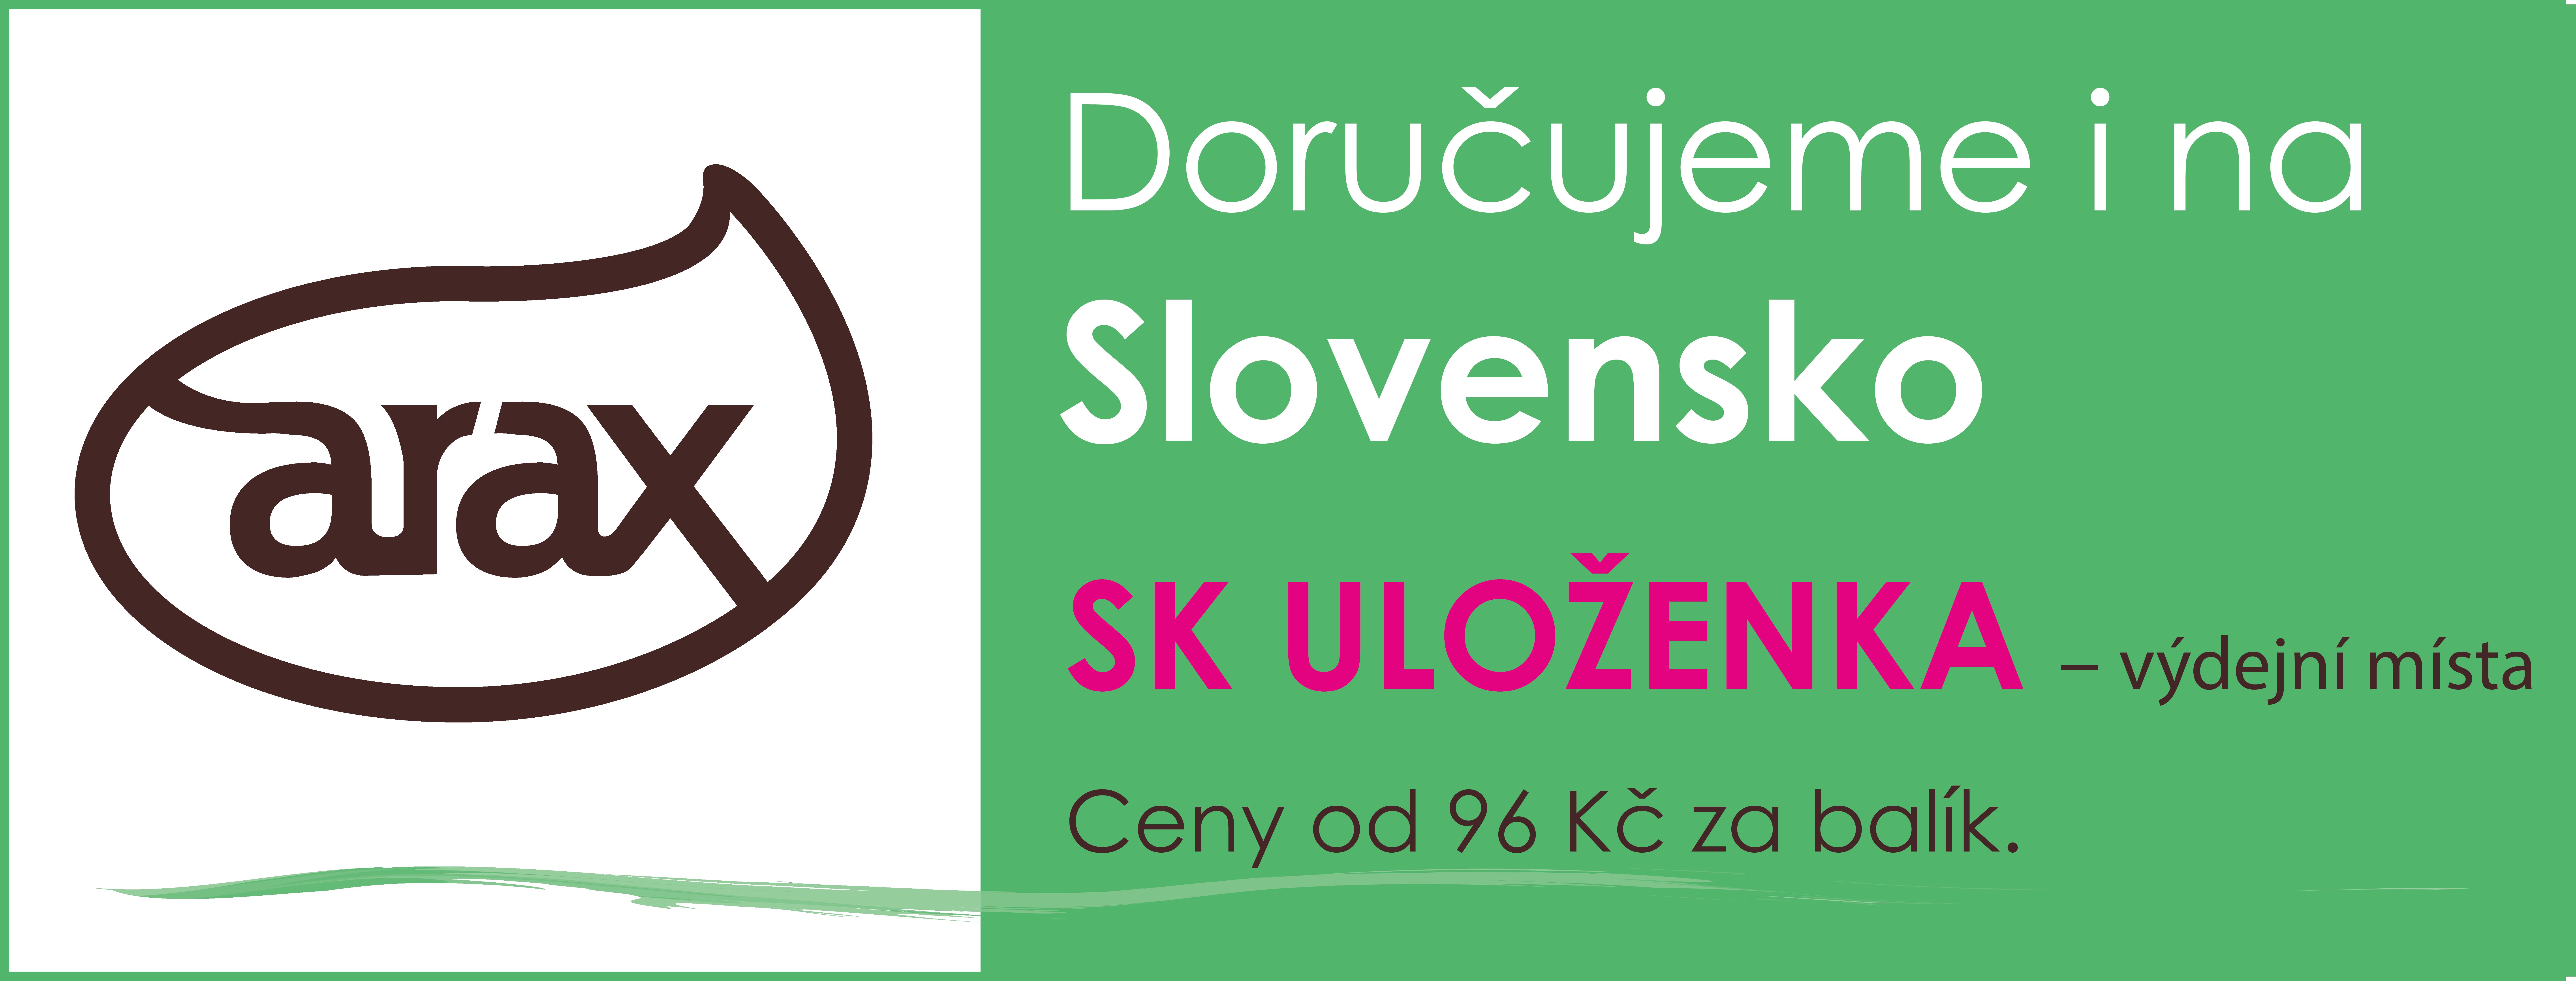 Doručujeme i na Slovensko službou Uloženka. Ceny se odvíjí od hmotnosti zásilky.